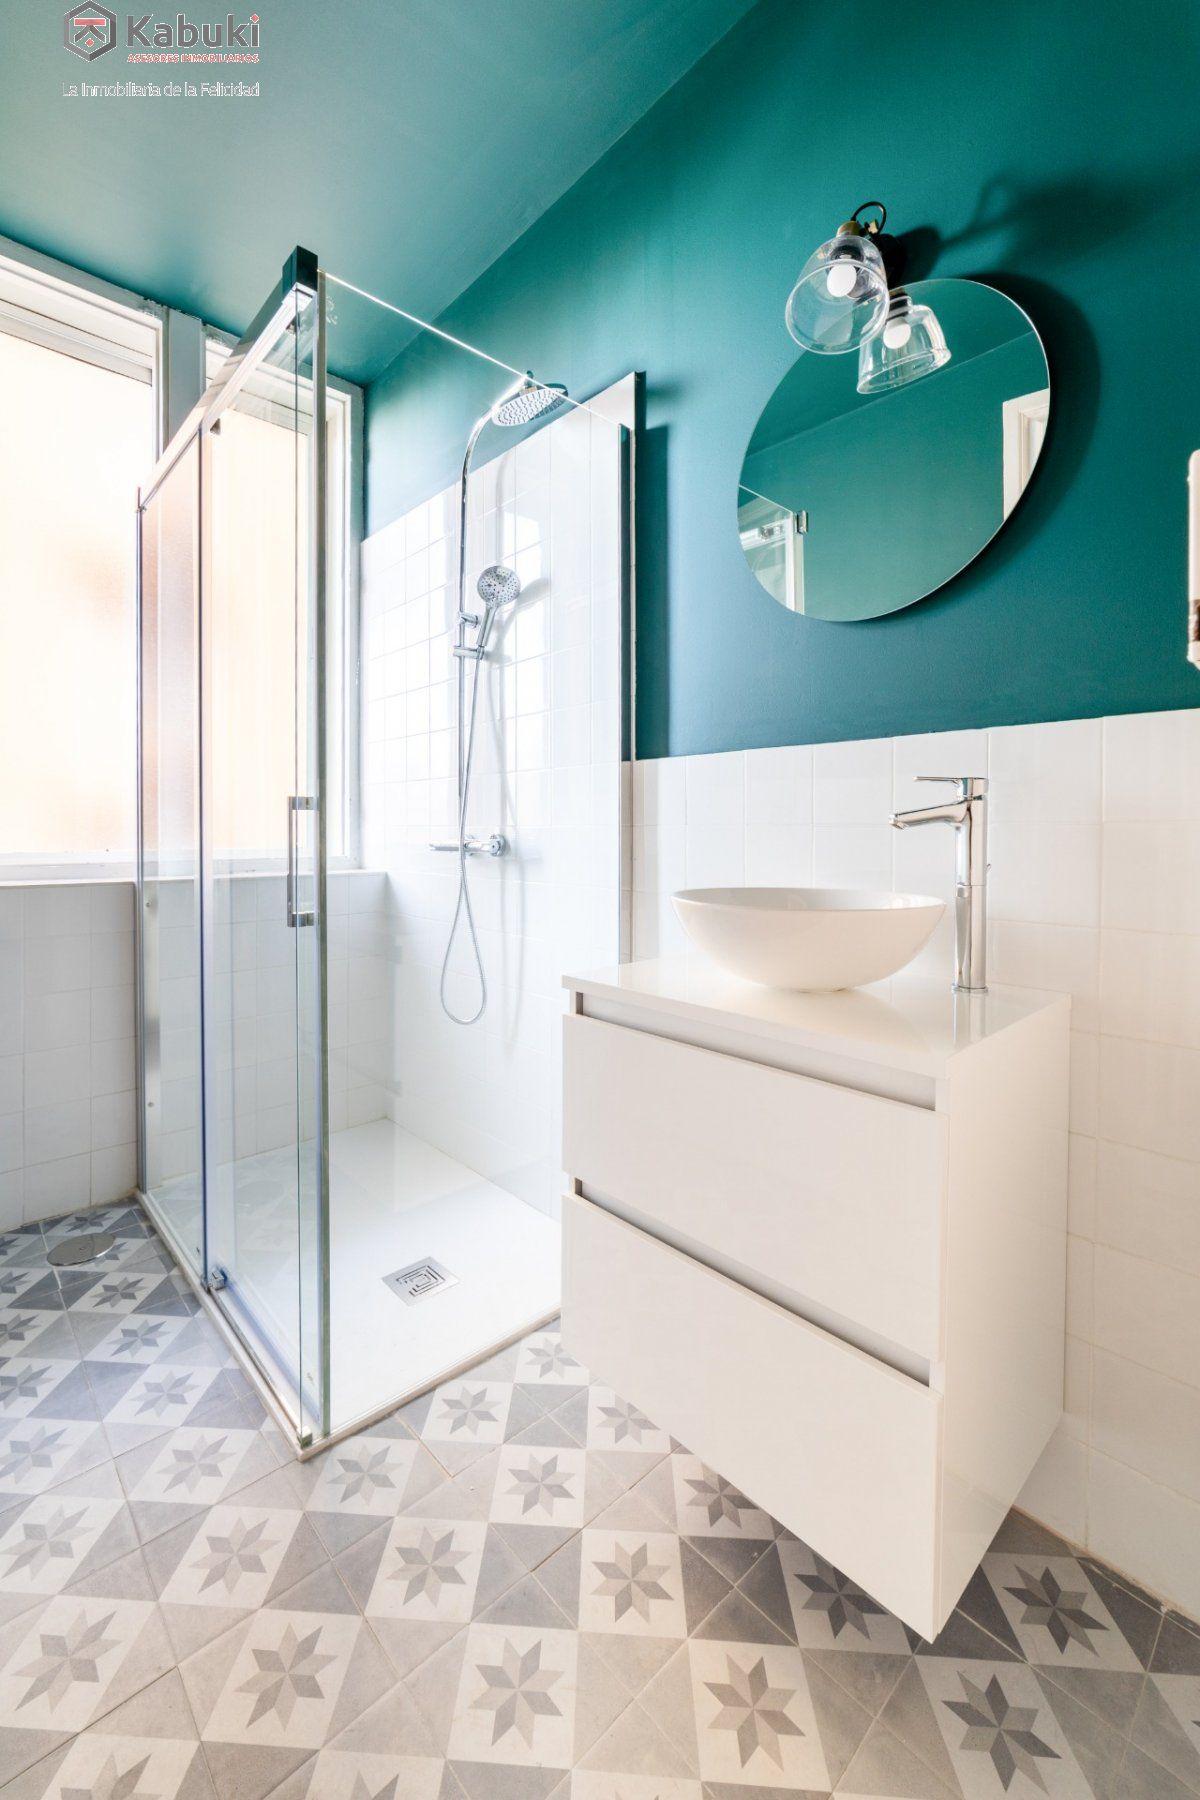 Se alquila curso 2020/2021 amplio y moderno apartamento, 6 dormitorios, 165 m, plenagran v - imagenInmueble21